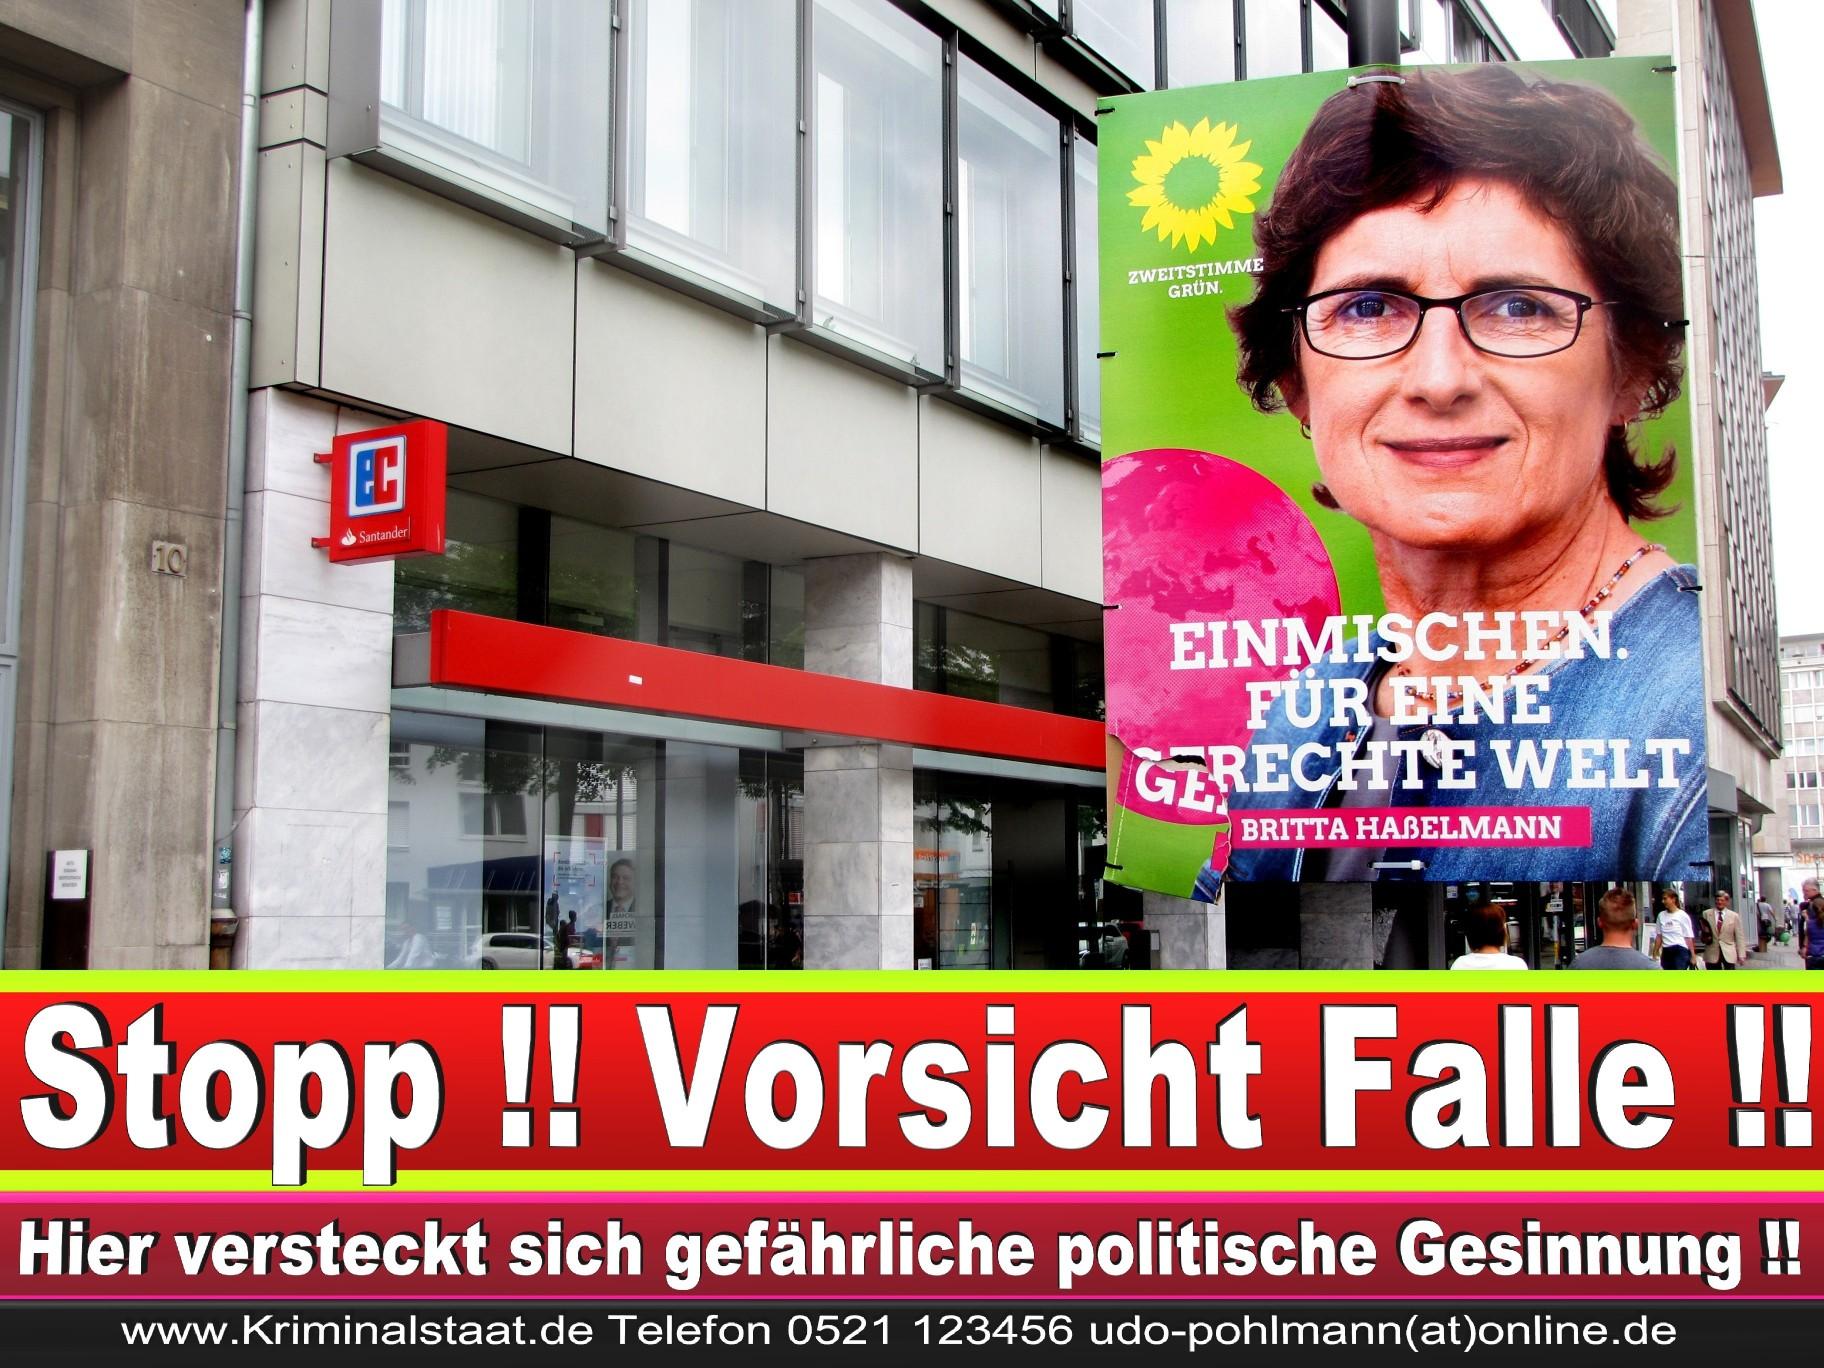 Wahlwerbung Wahlplakate Landtagswahl 2019 Europawahl CDU SPD FDP 2021 (1)